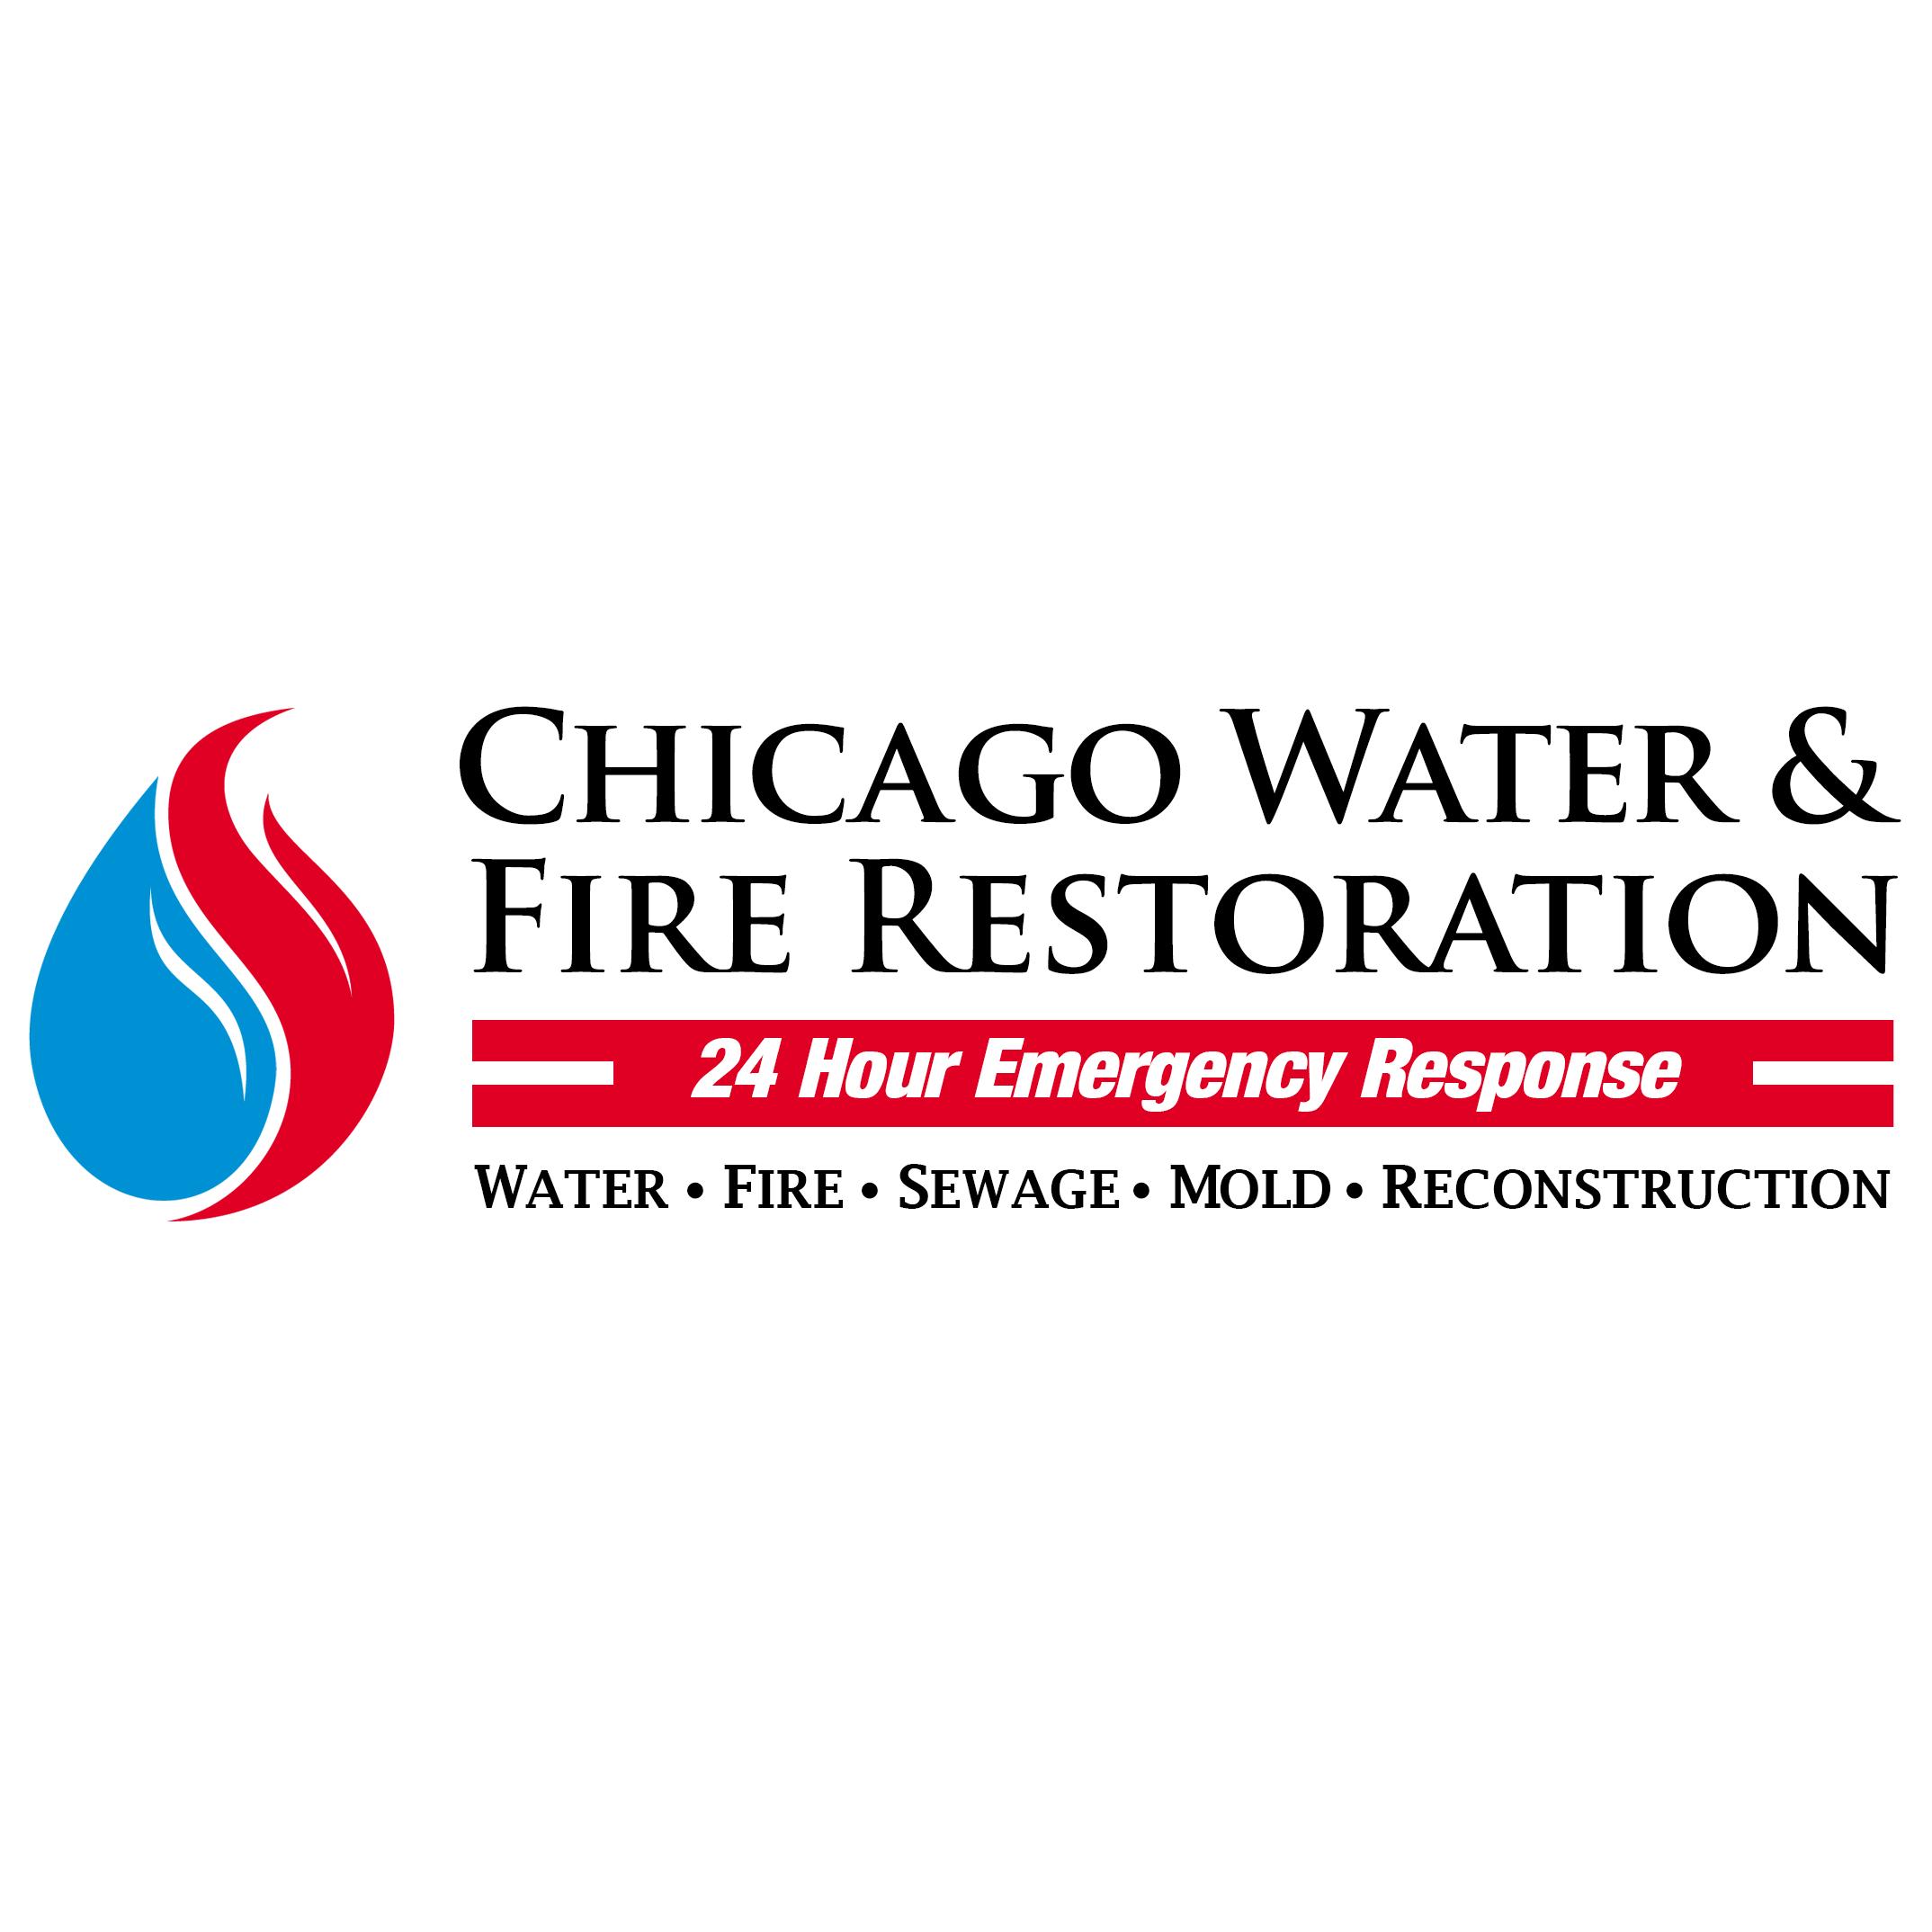 Chicago Water & Fire Restoration